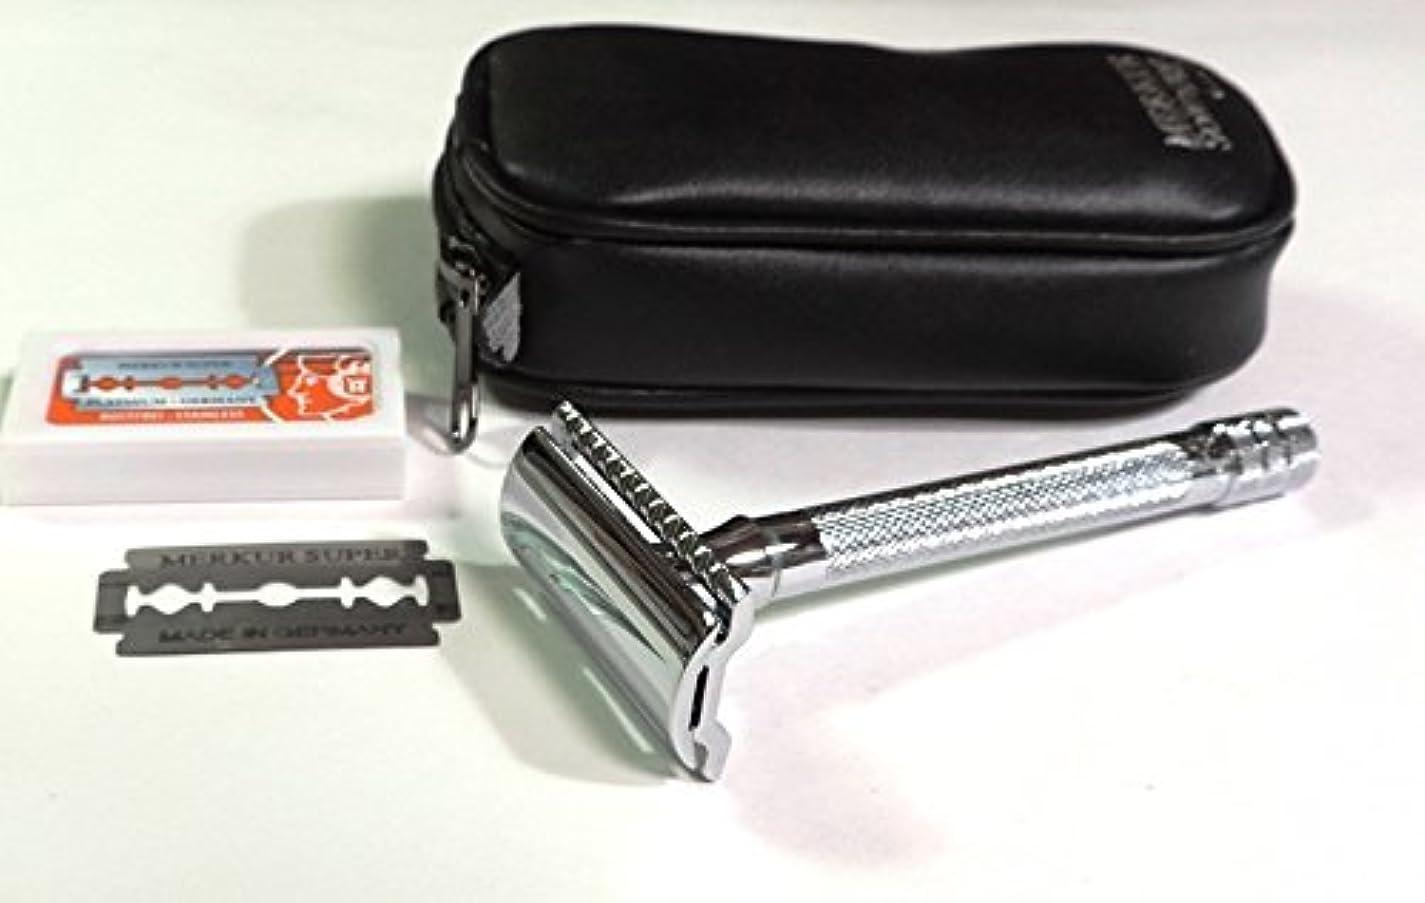 赤外線依存する何でもゾーリンゲン メルクールMERKUR(独)髭剃り(ひげそり)両刃ホルダー23C 替刃11枚、携帯ポーチ付